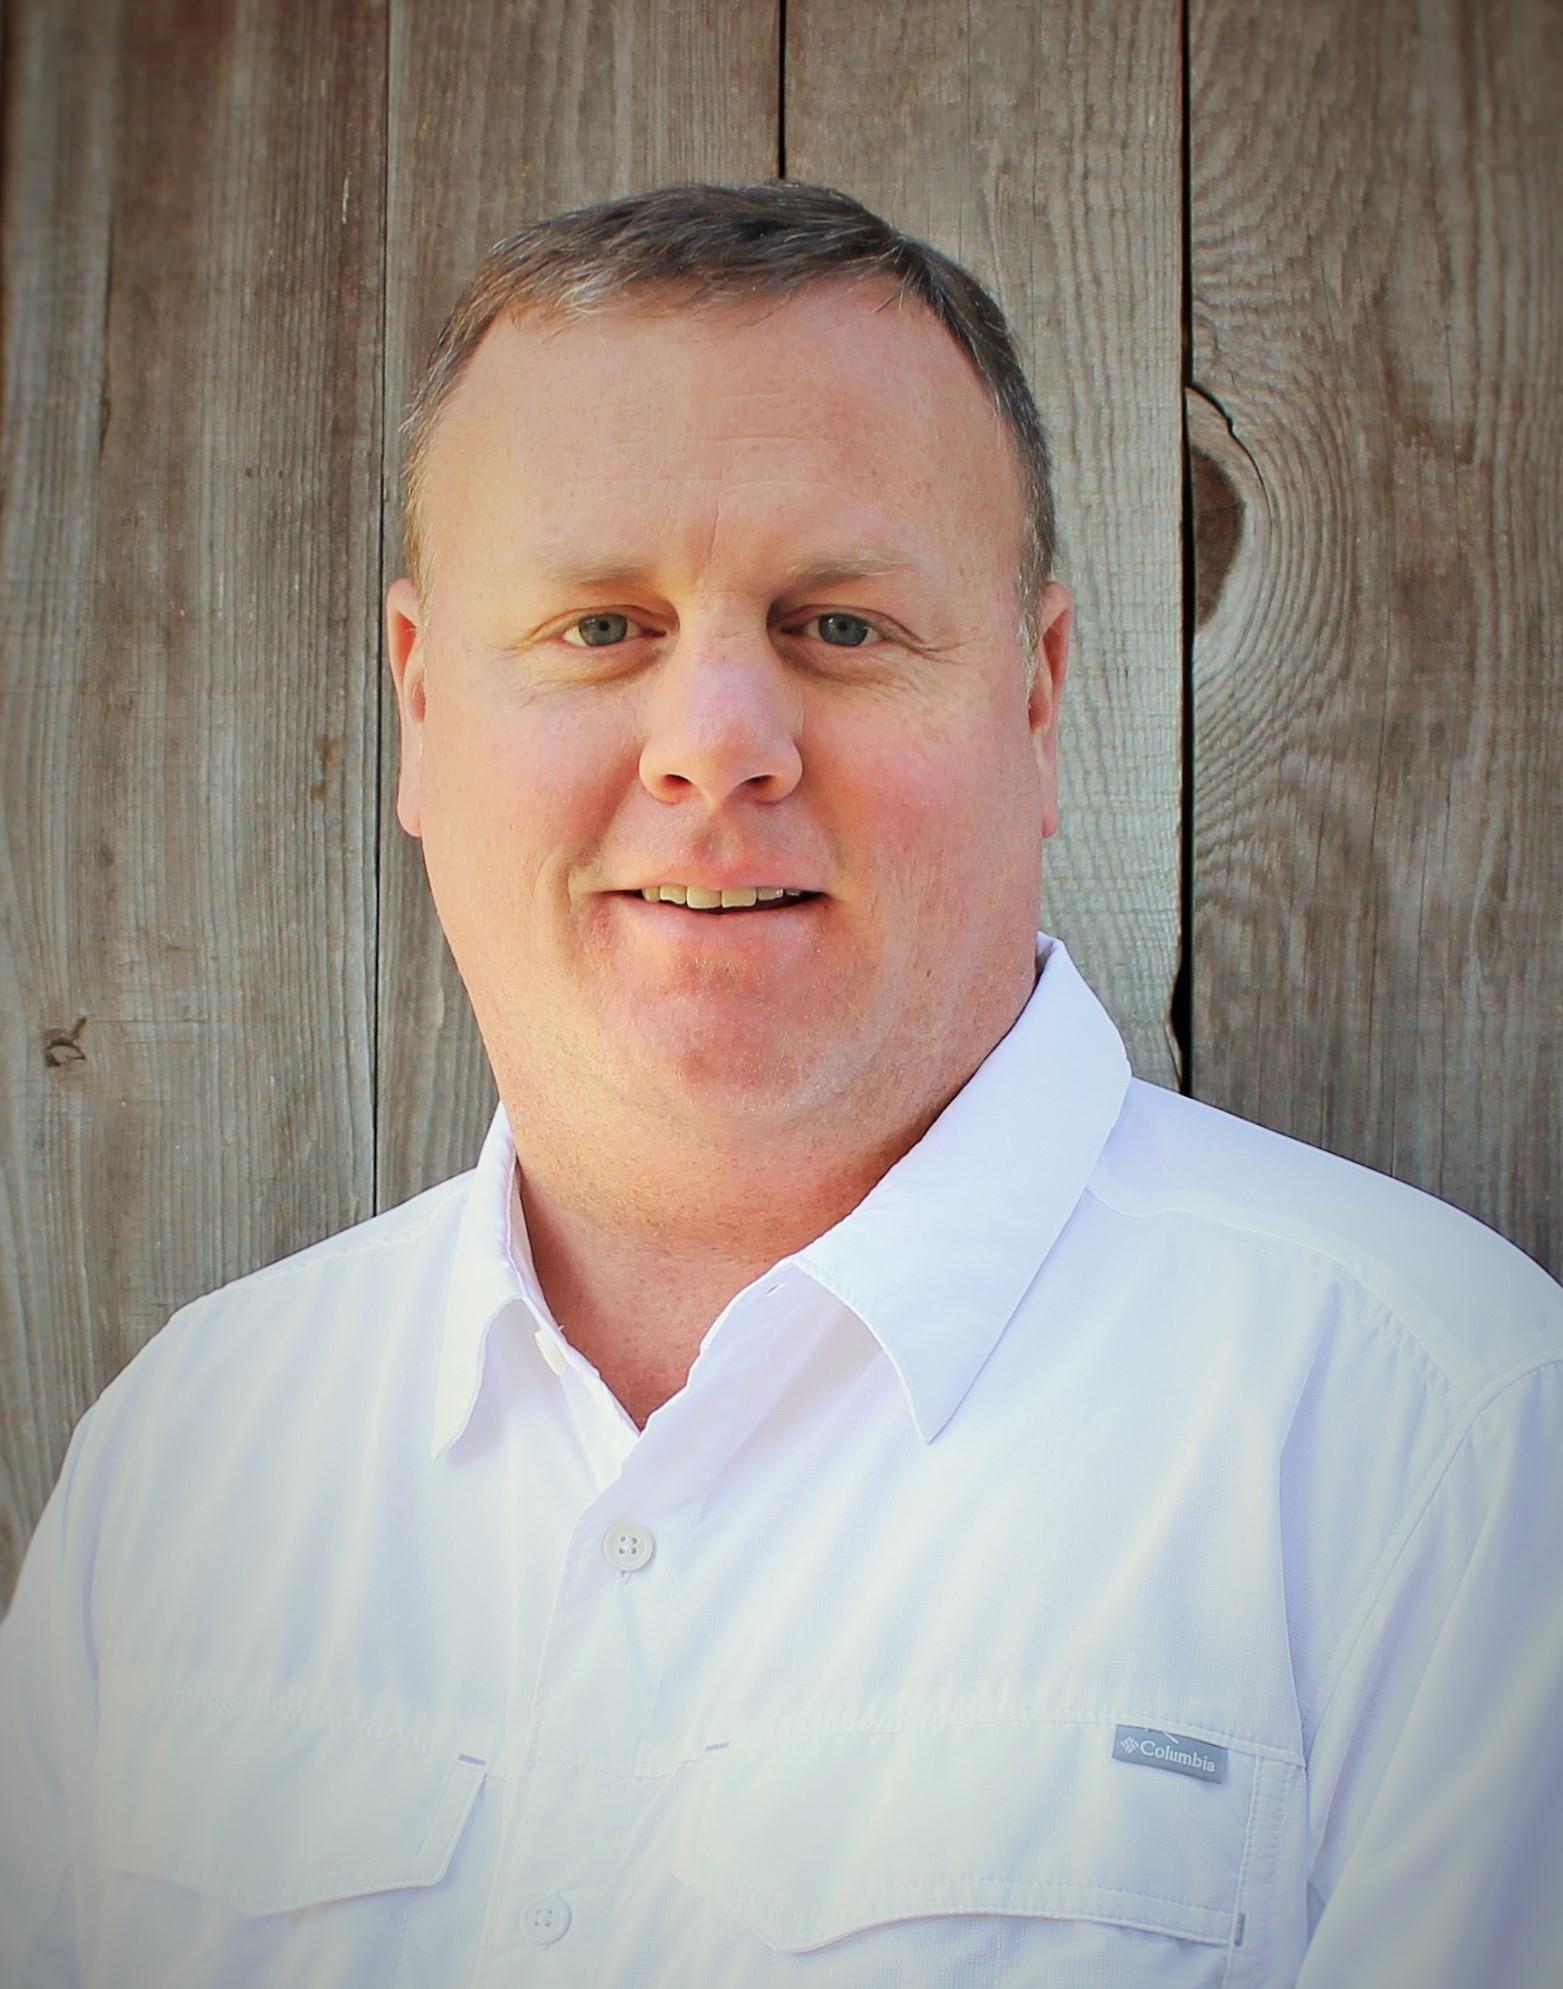 Matt Owens